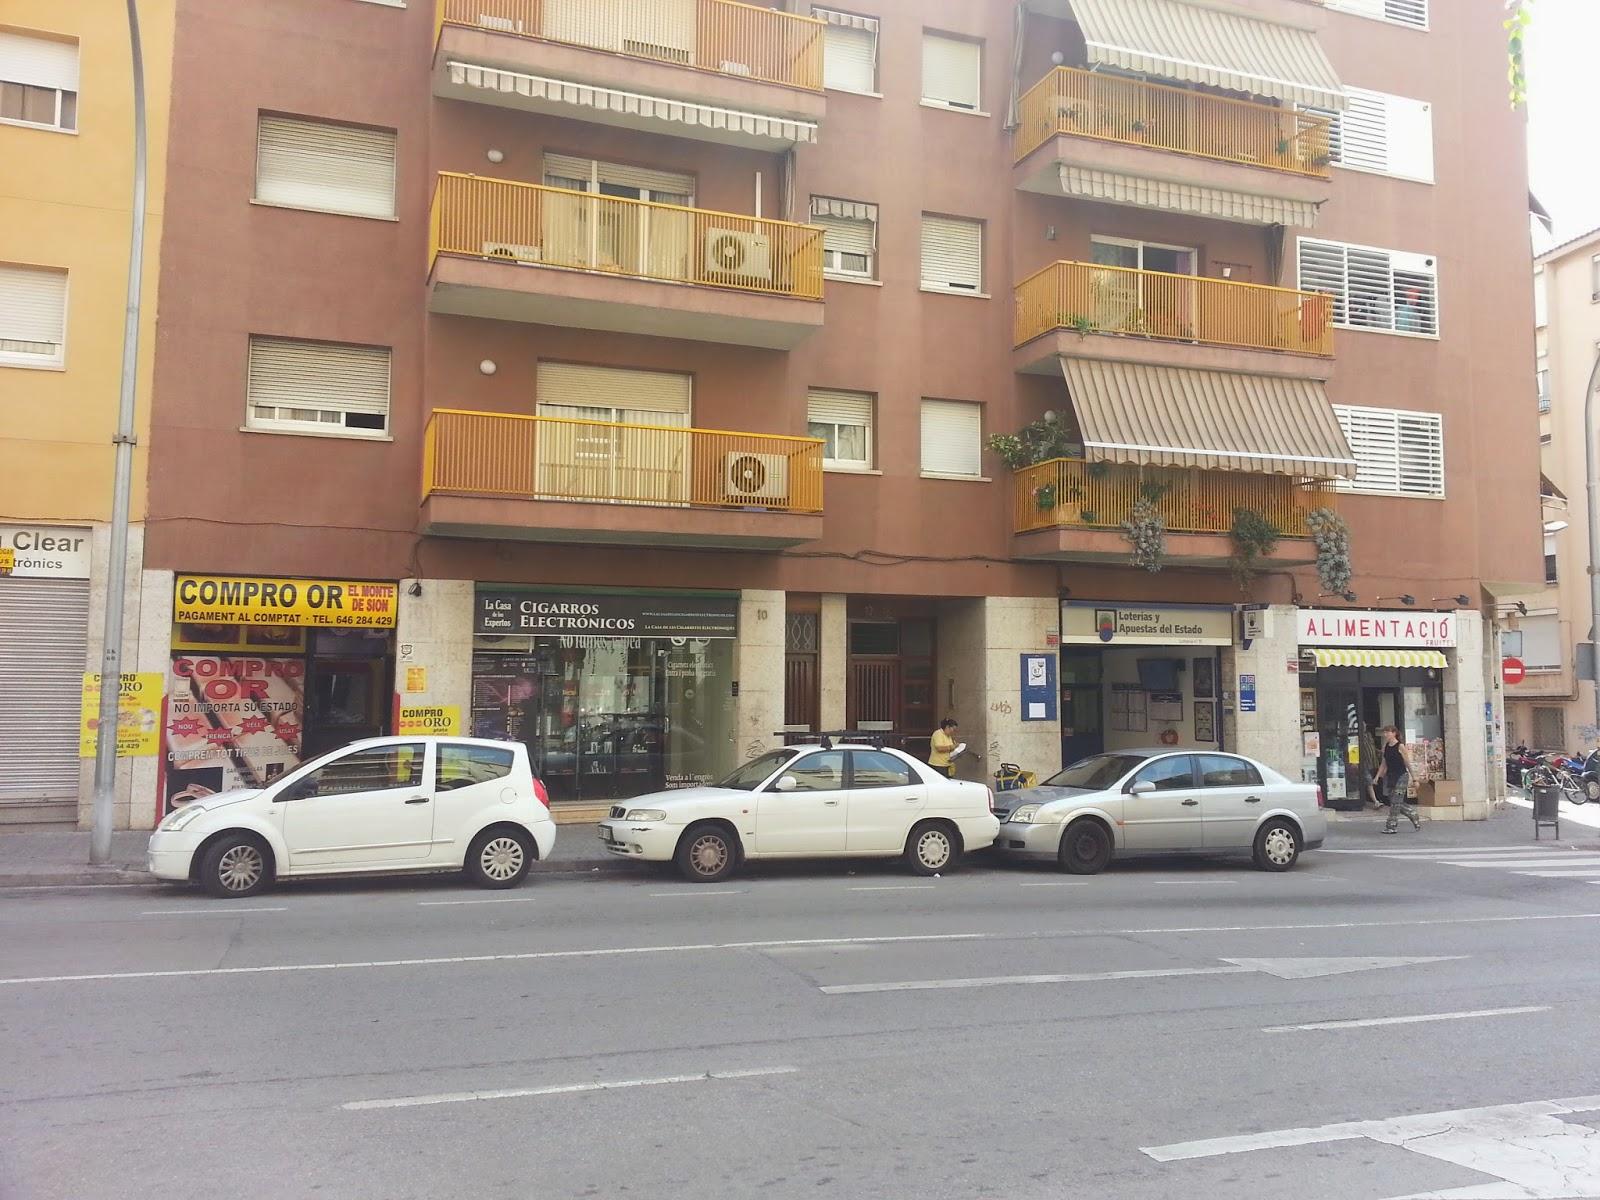 Tienda cigarros electrónicos de Mataró ronda O'donell